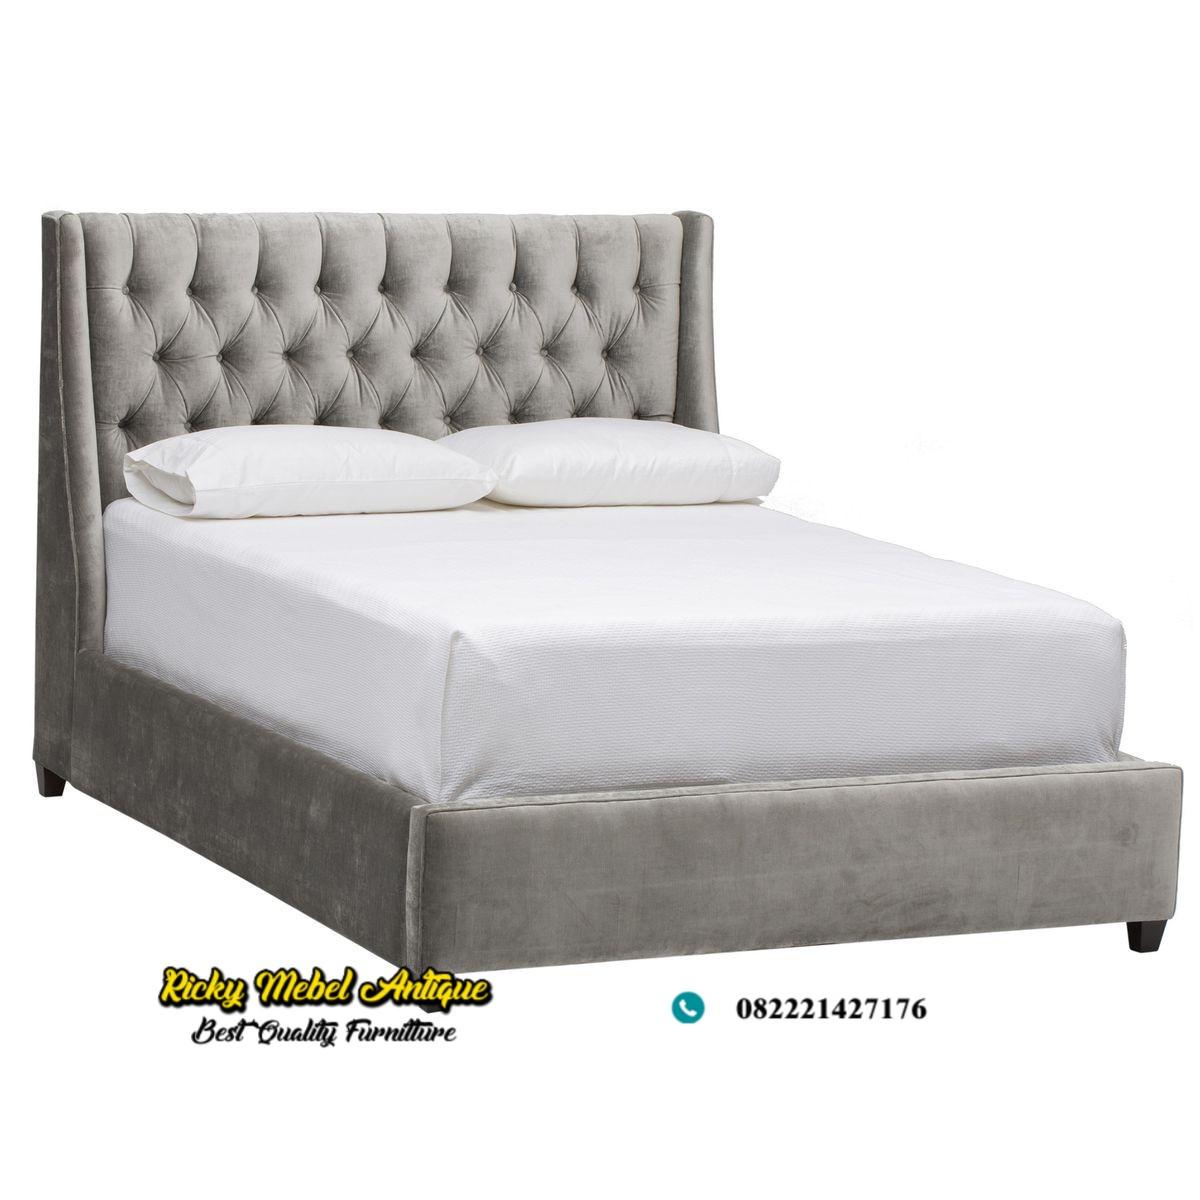 tempat tidur kekinian